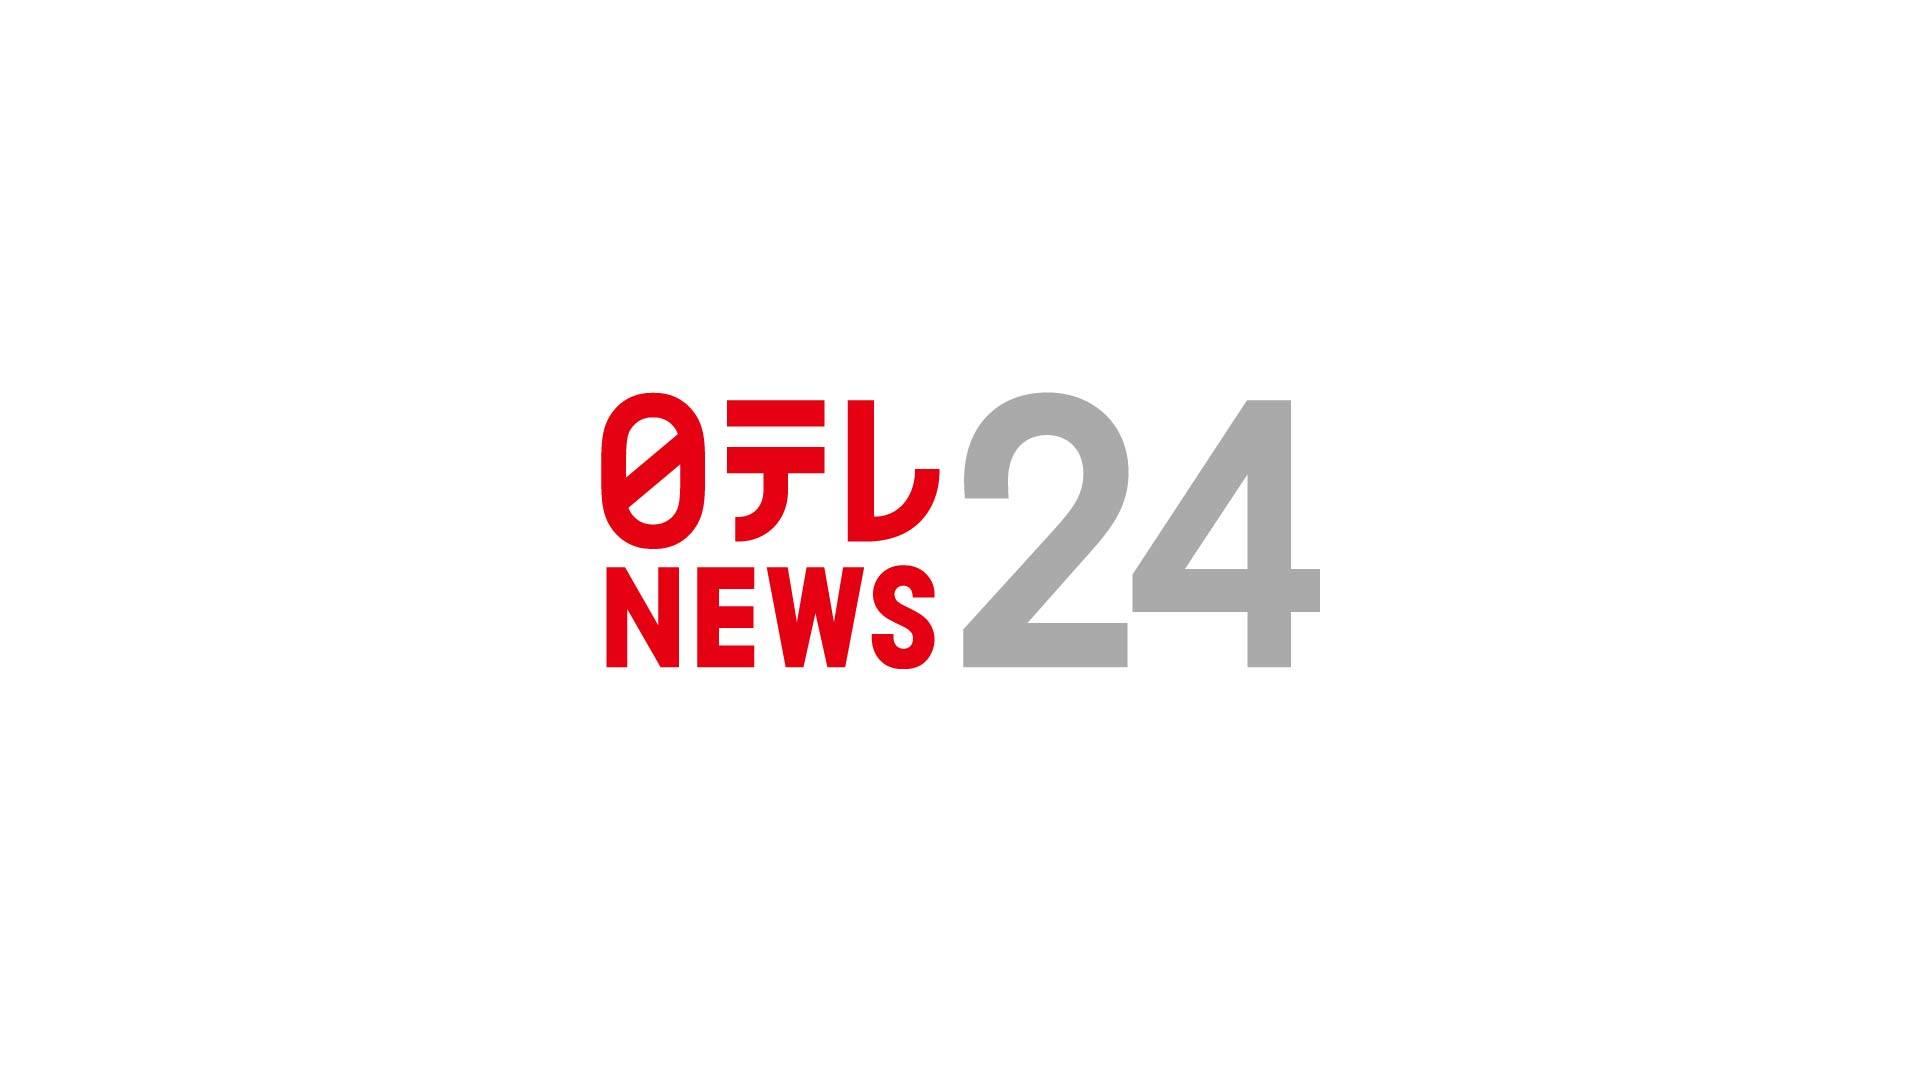 別府市営温泉 恒例の無料開放始まる|NNNニュース